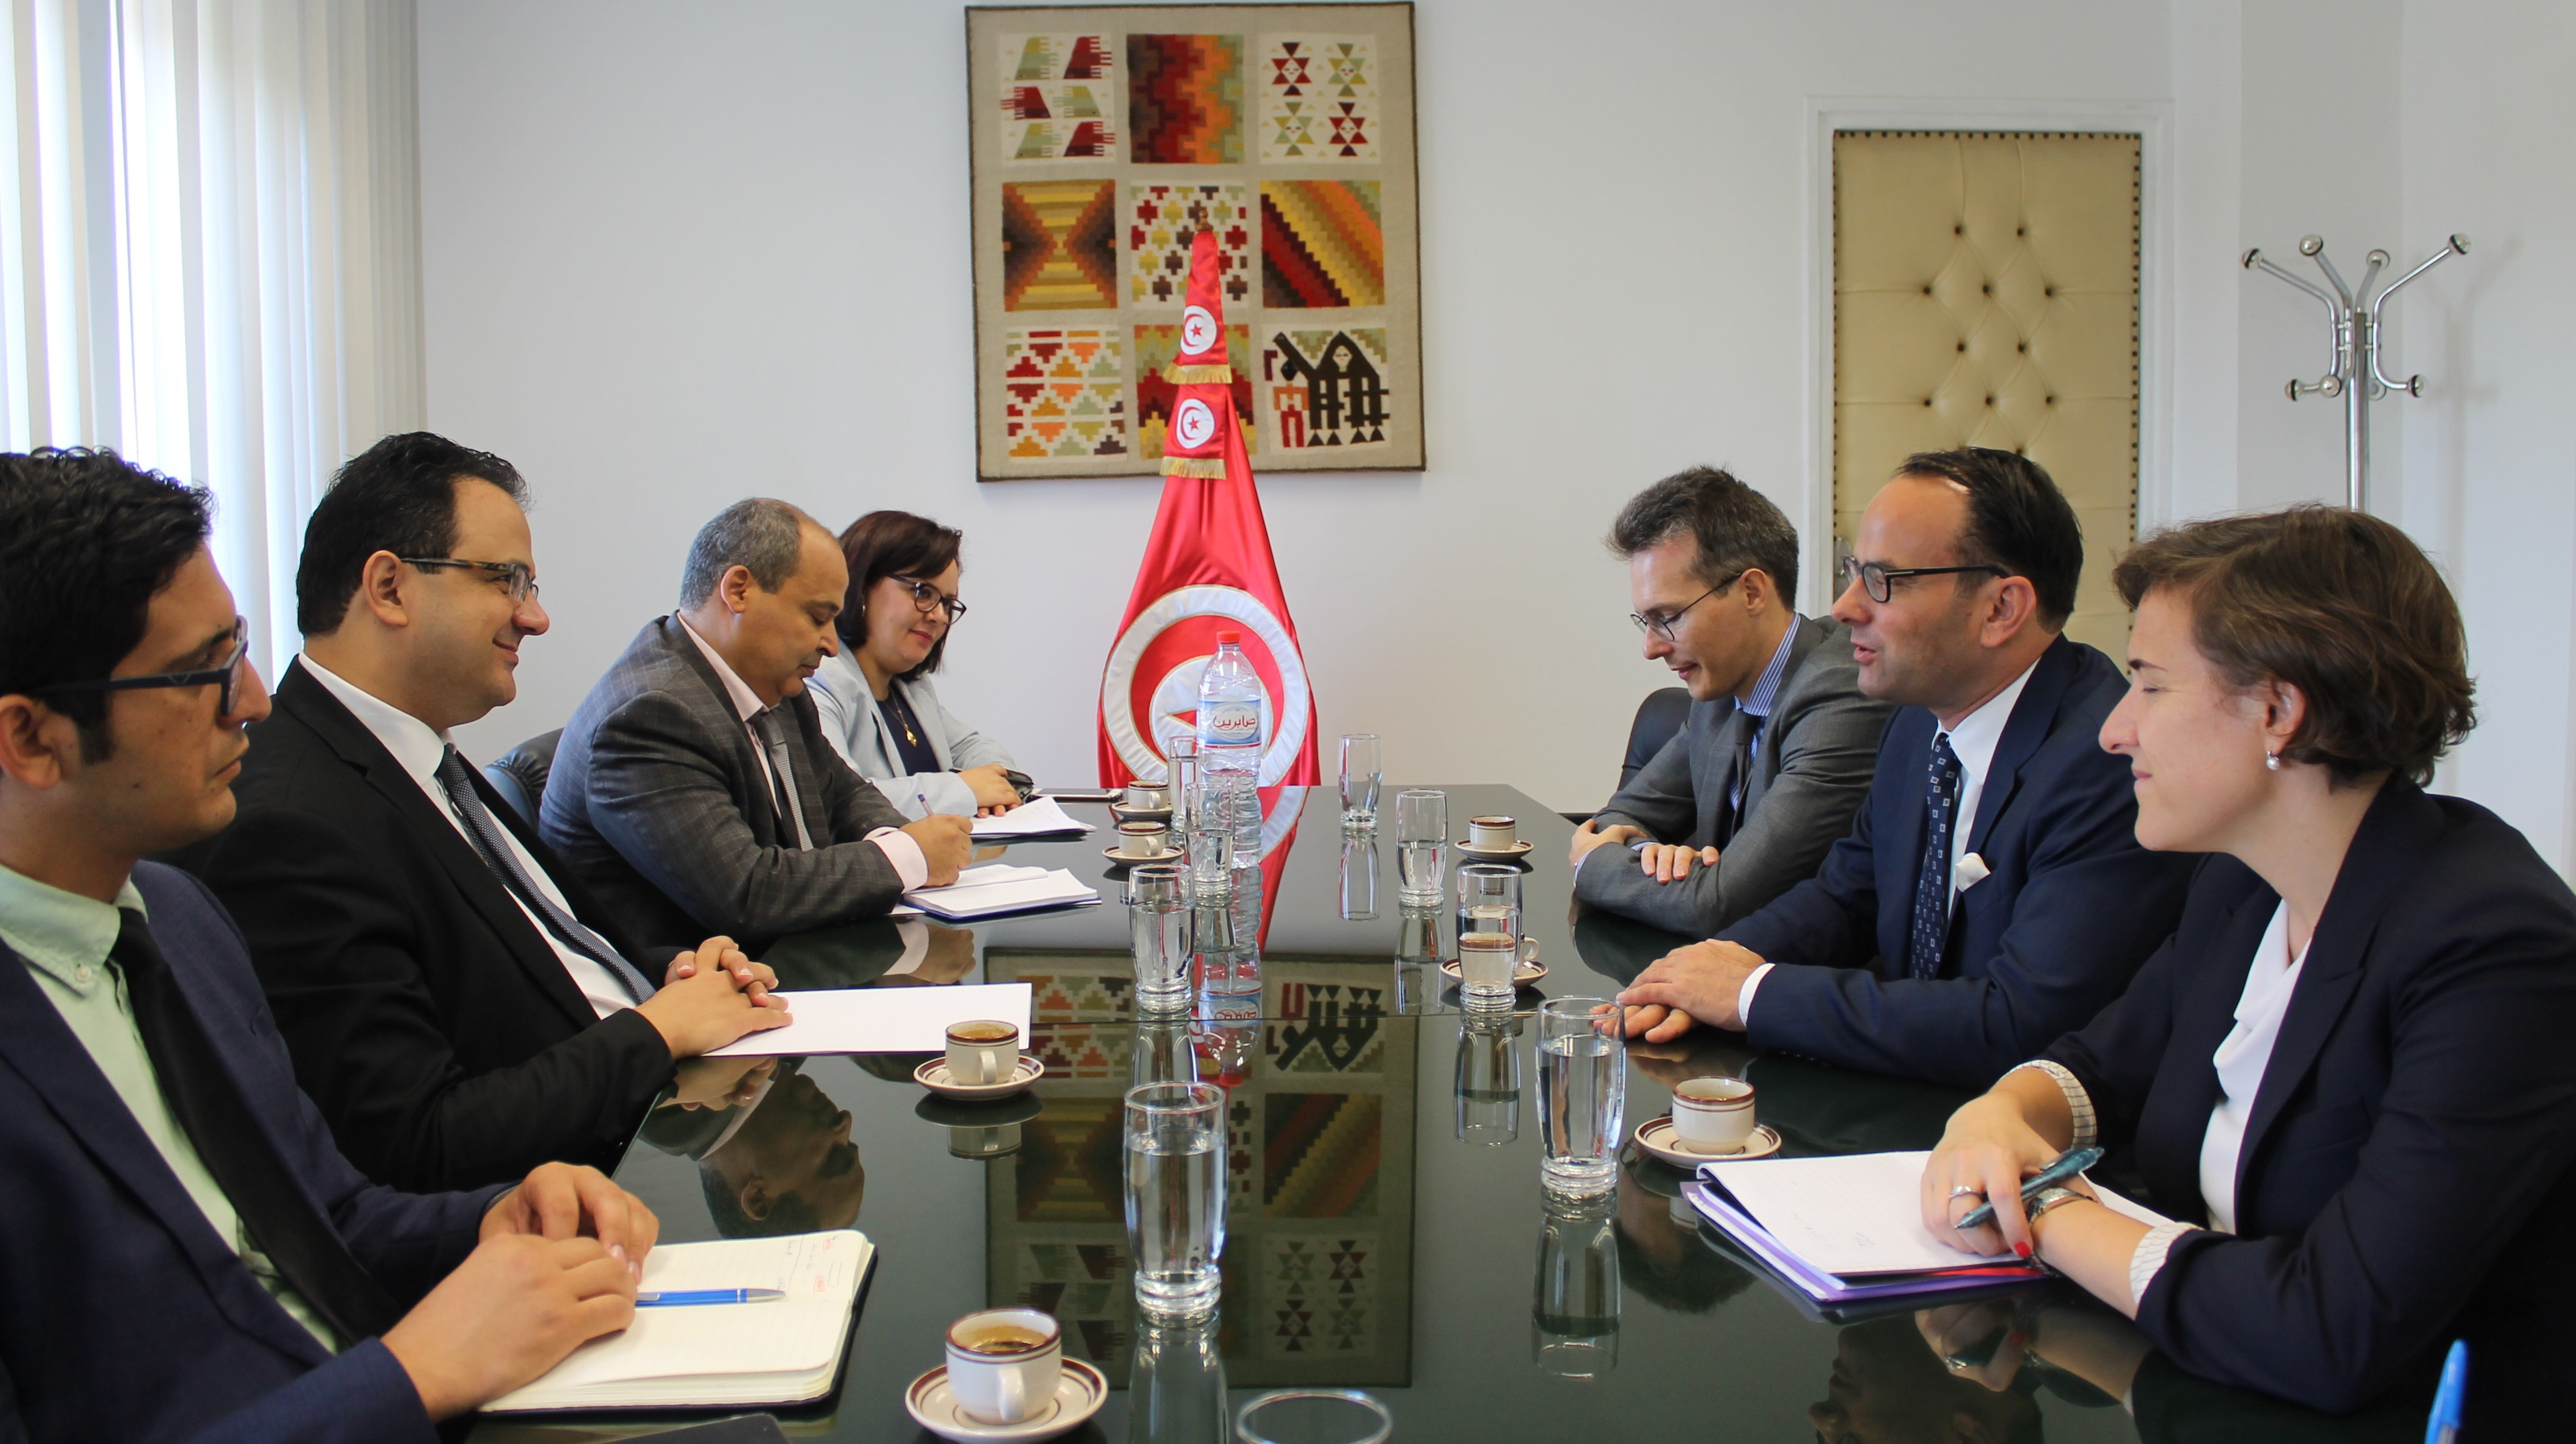 جانب من لقاء وزير التنمية والاستثمار والتعاون الدولي مع بعثة صندوق النقد الدولي إلى تونس